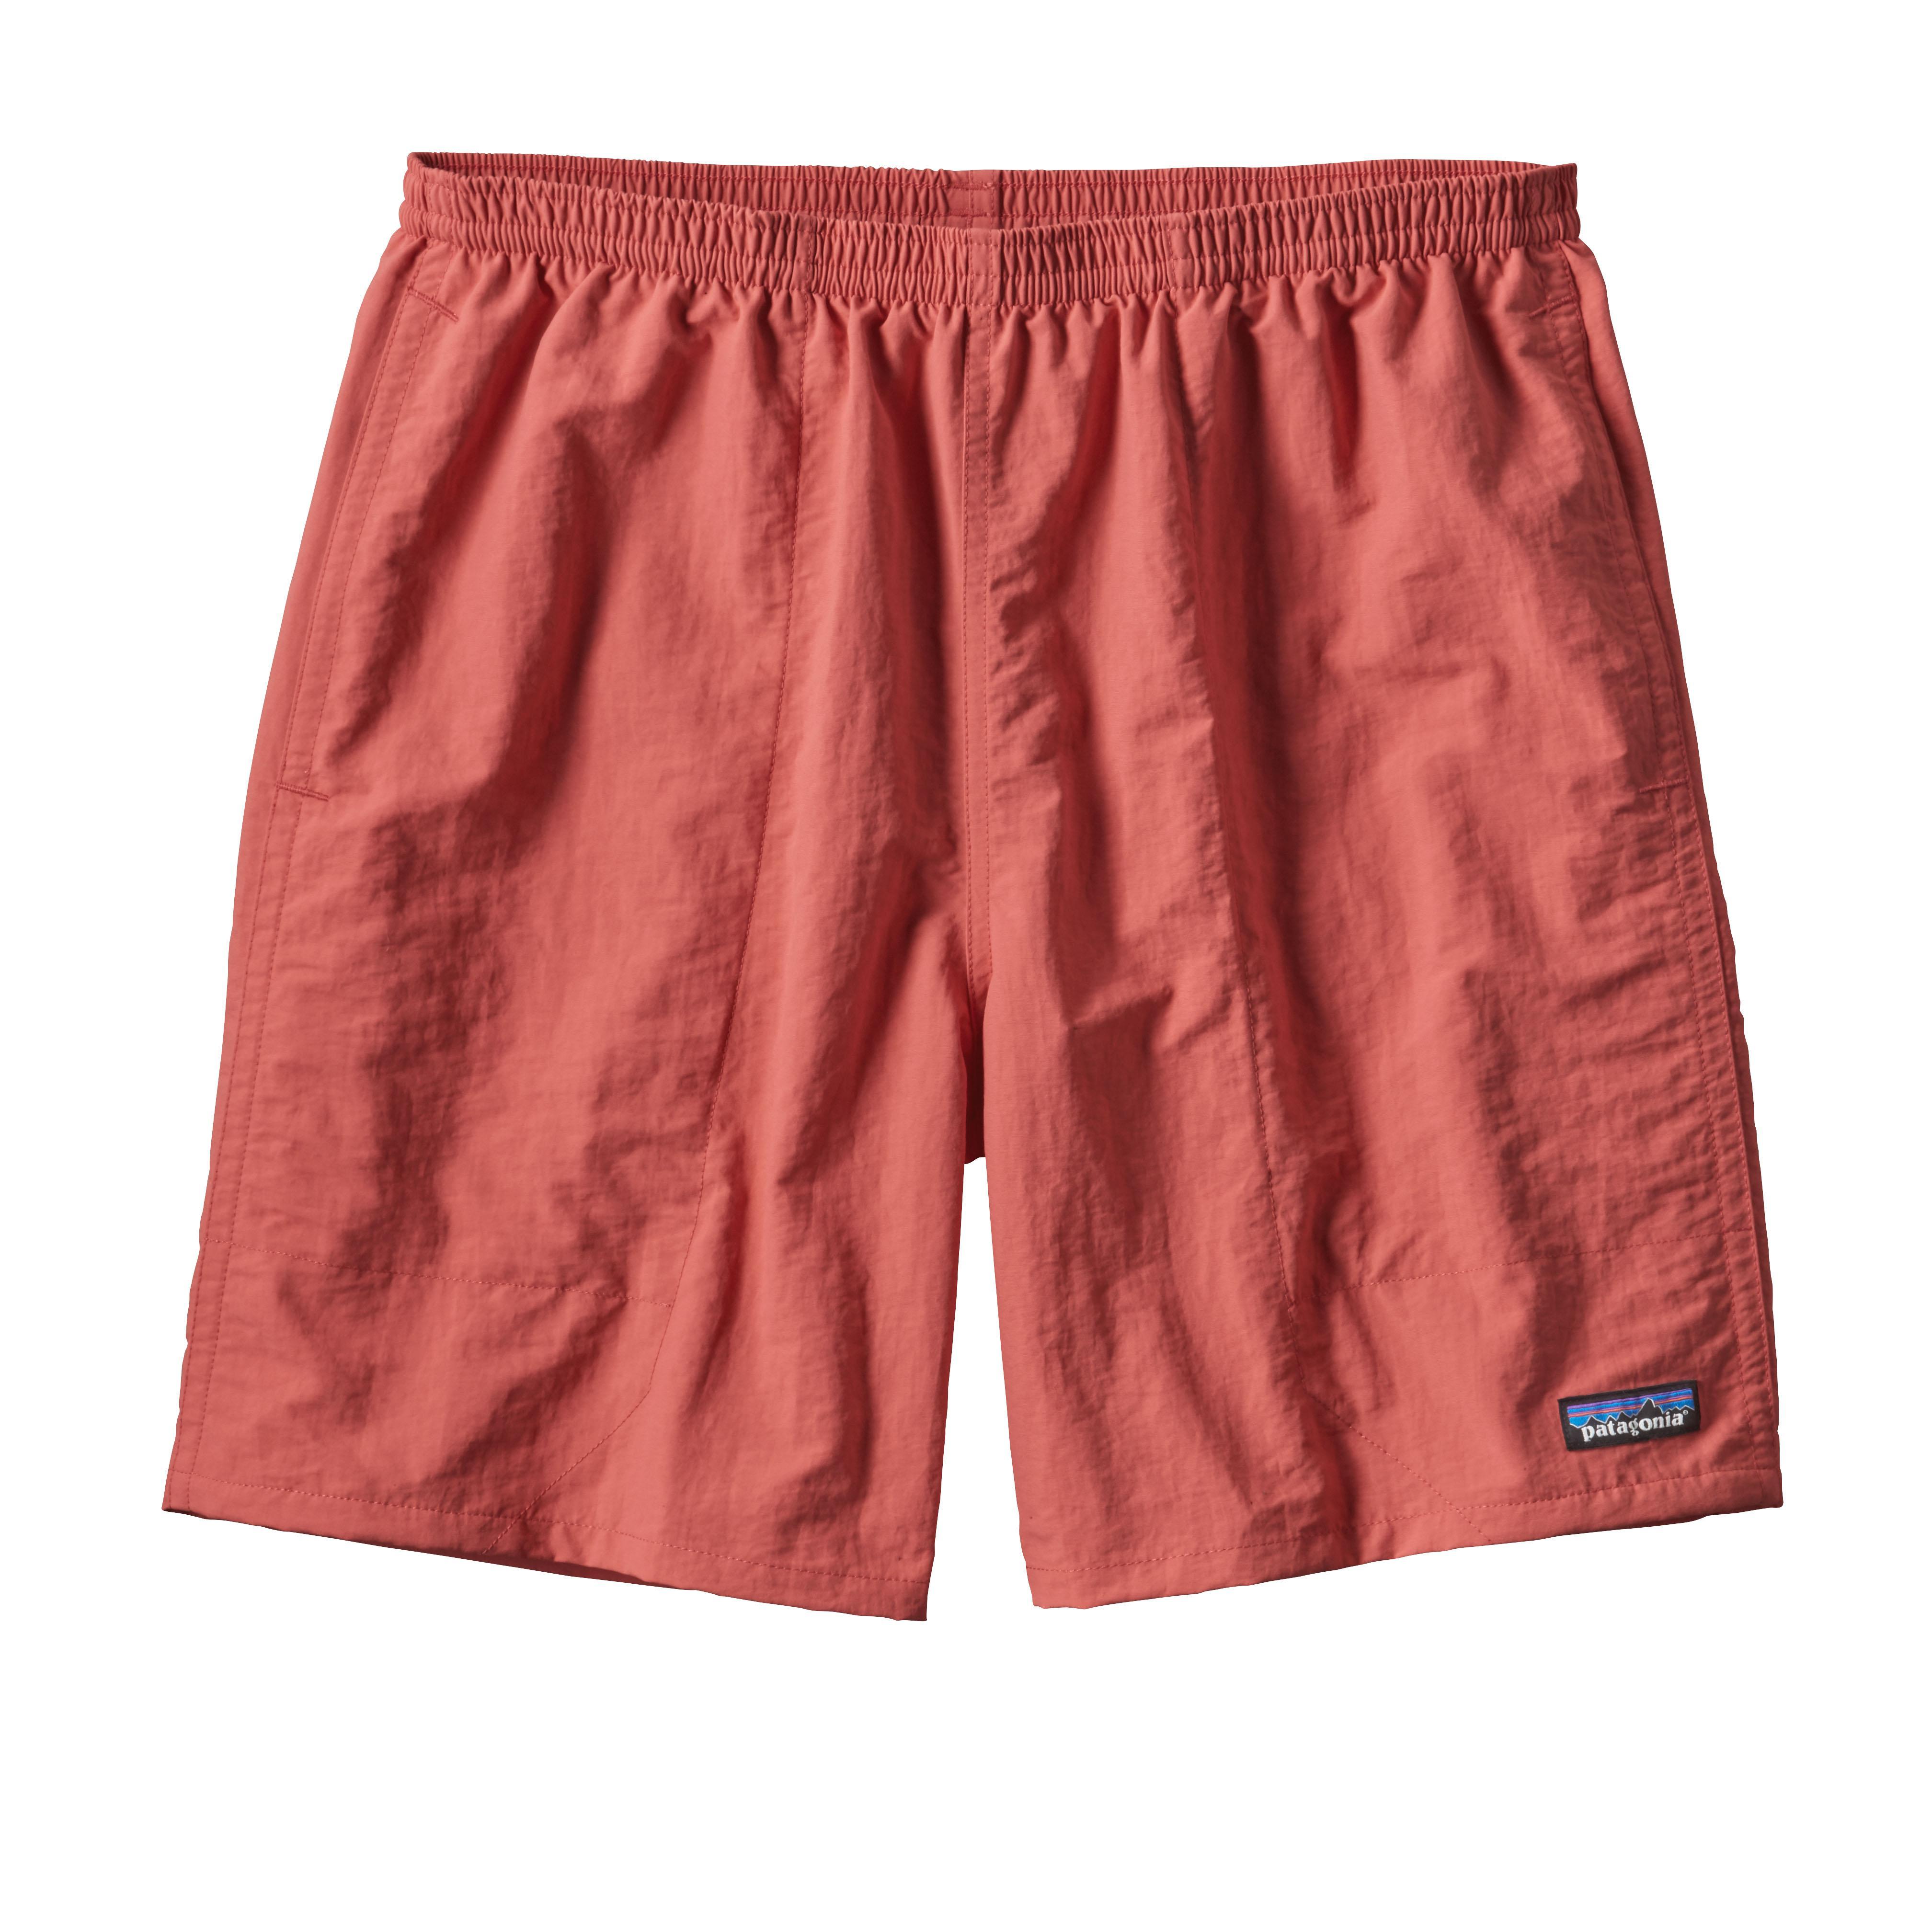 Patagonia Men's Baggies Shorts 7in Inseam SPCL_CORAL